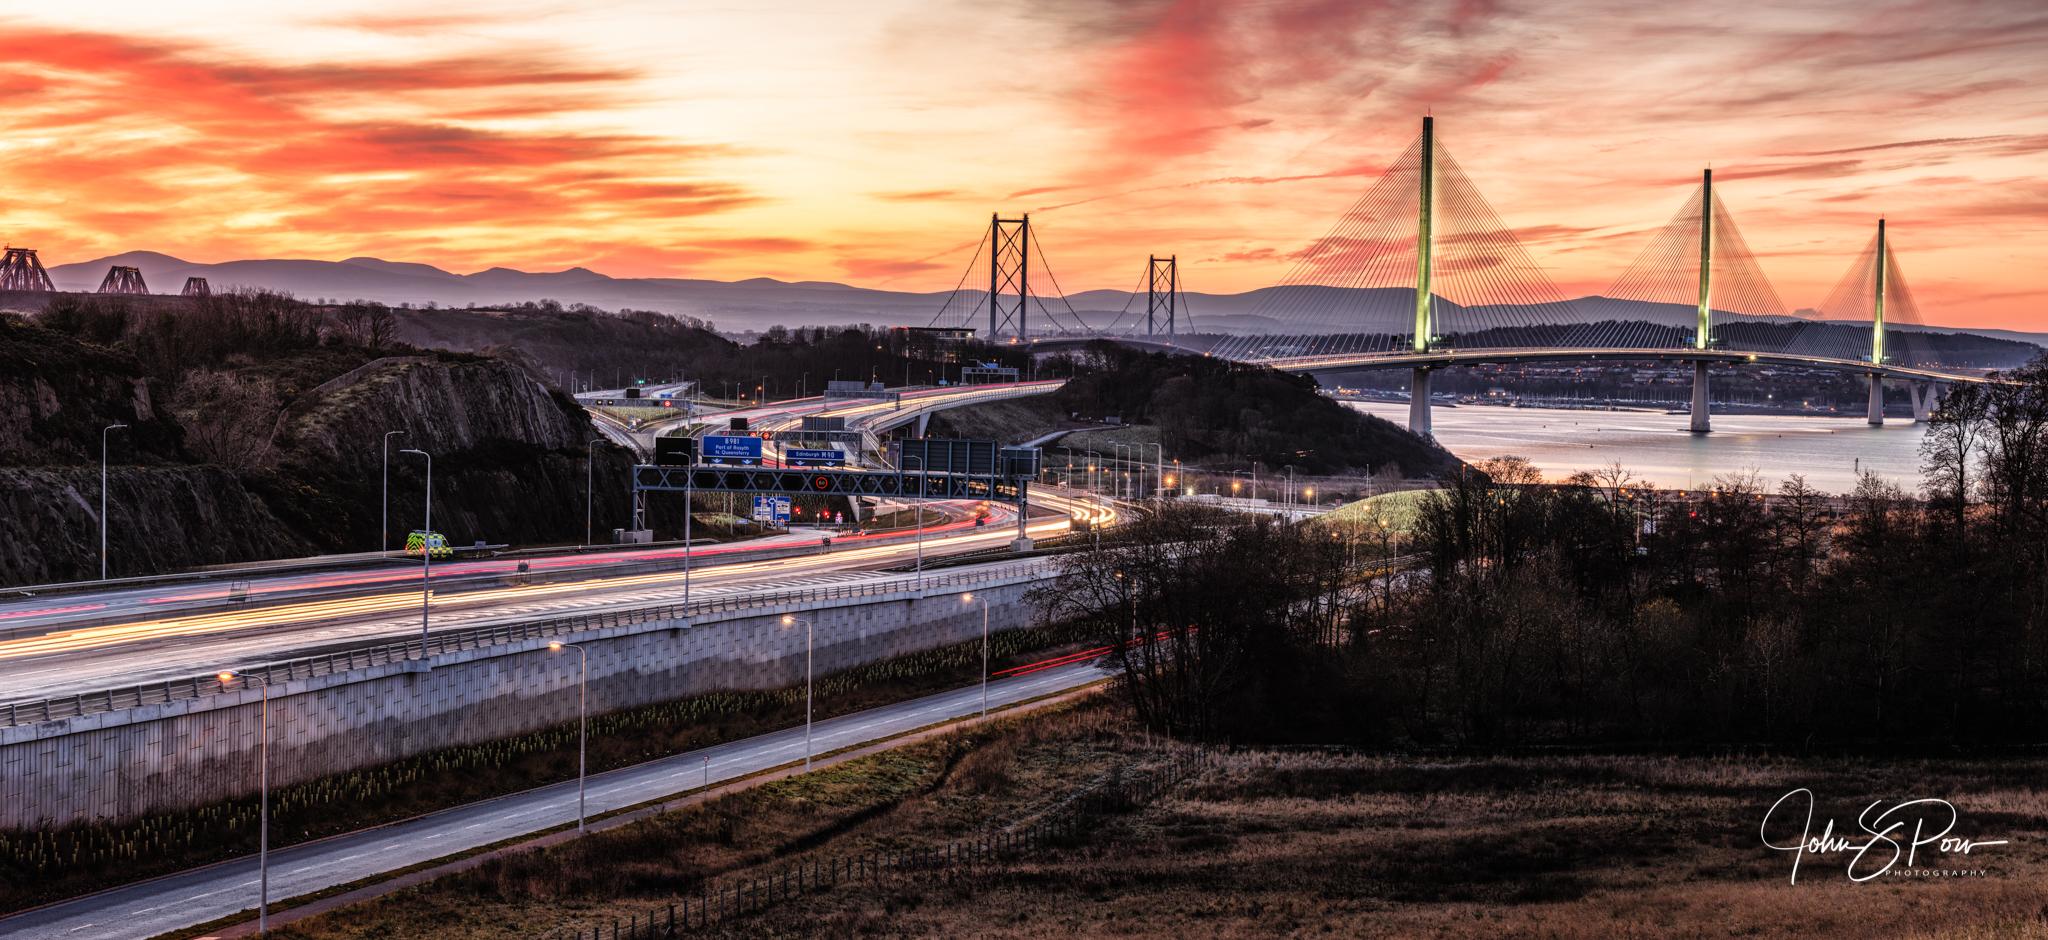 Sunrise over the Bridges.